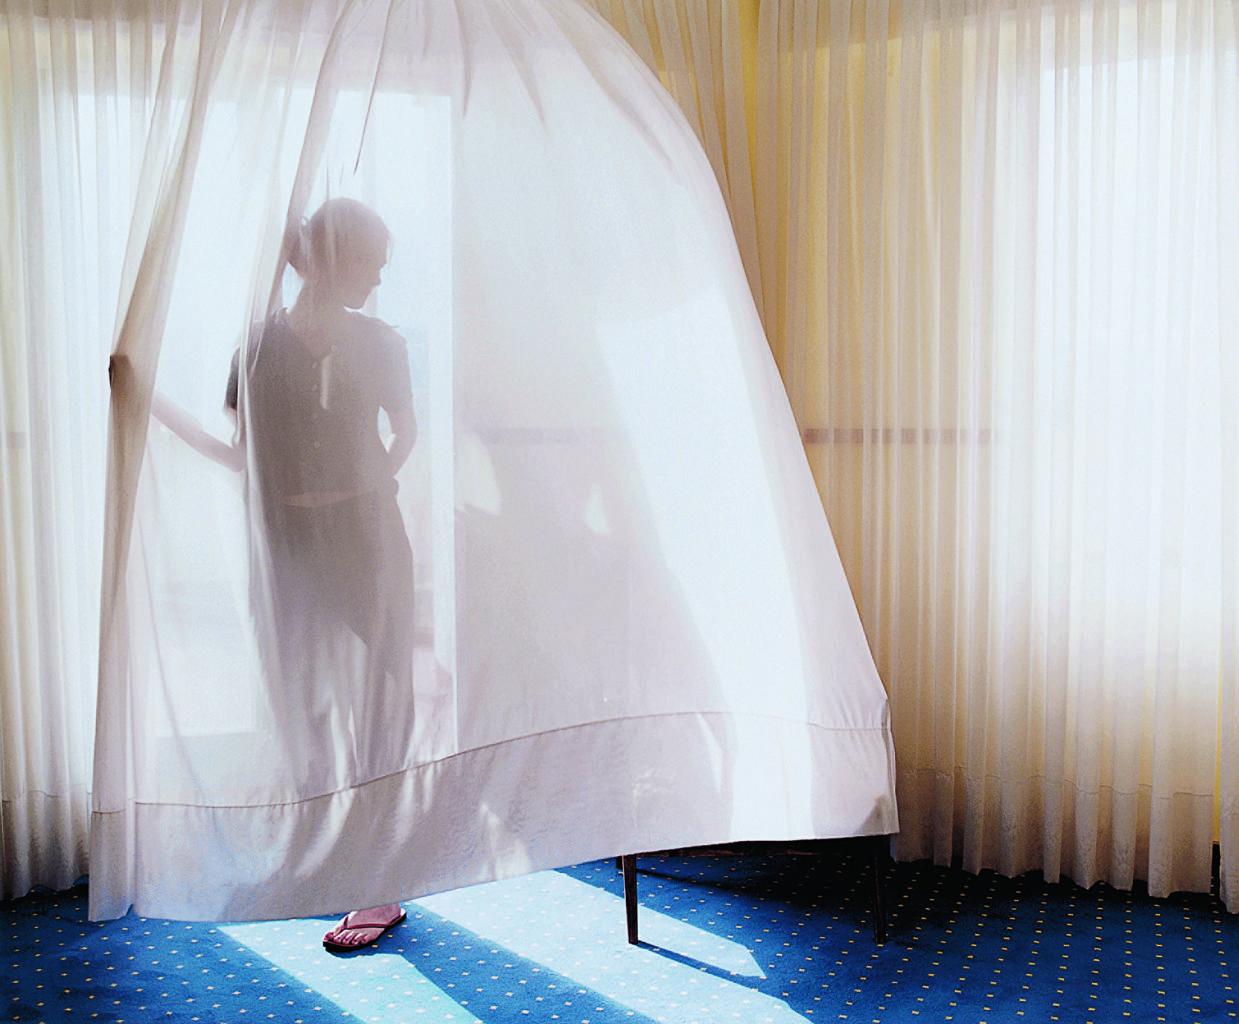 Aino Kannisto, Untitled (Translucent Curtain), 2002, Galerie m Bochum © Aino Kannisto, courtesy: Galerie m Bochum